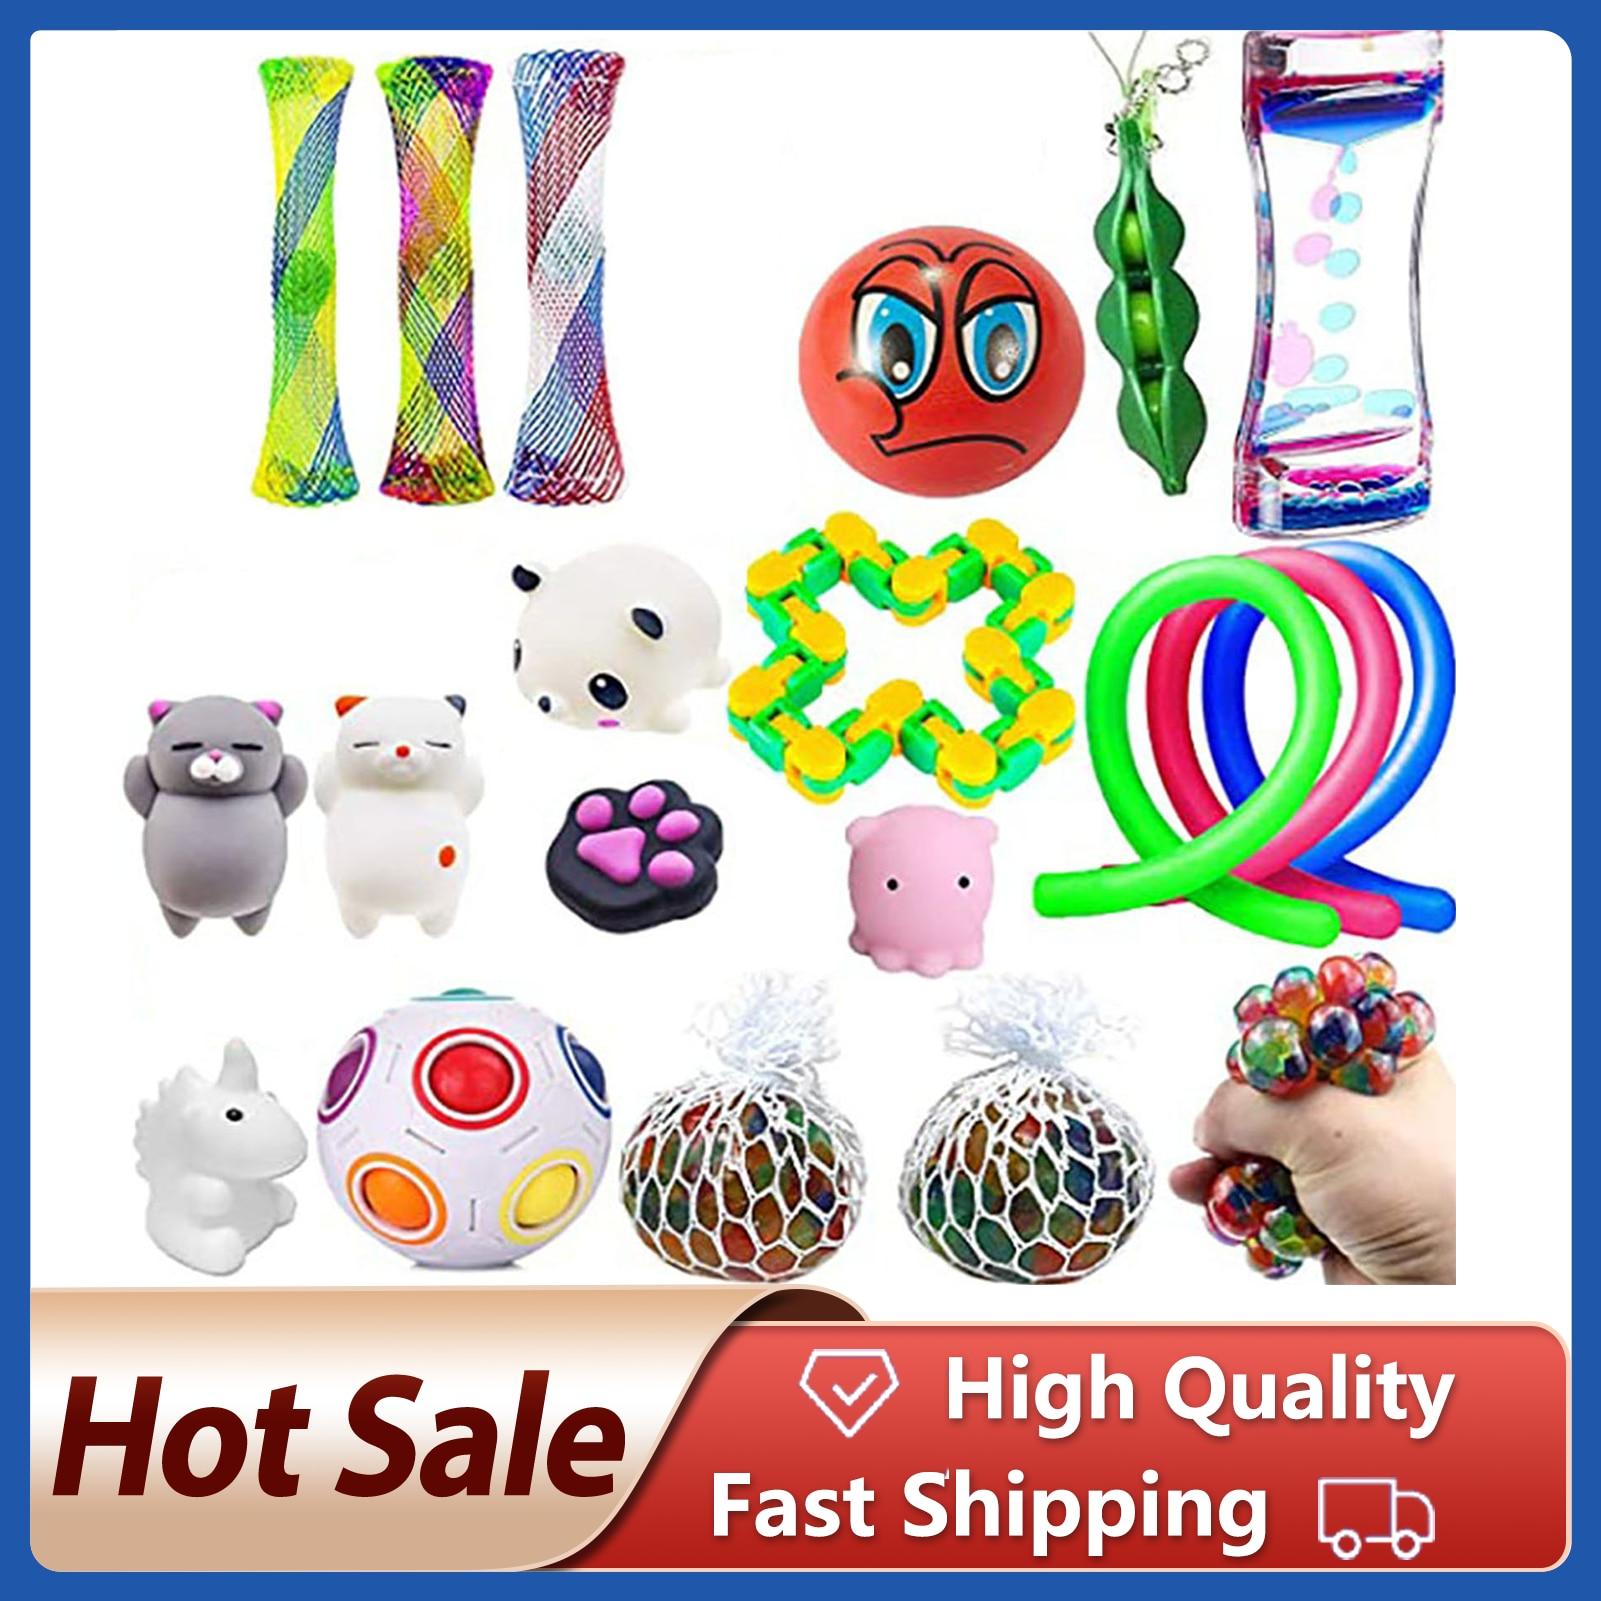 Brinquedos conjunto bola de mármores para o autismo tdah ansiedade alívio do estresse squeeze brinquedos pop bolha brinquedo sensorial para crianças adultos